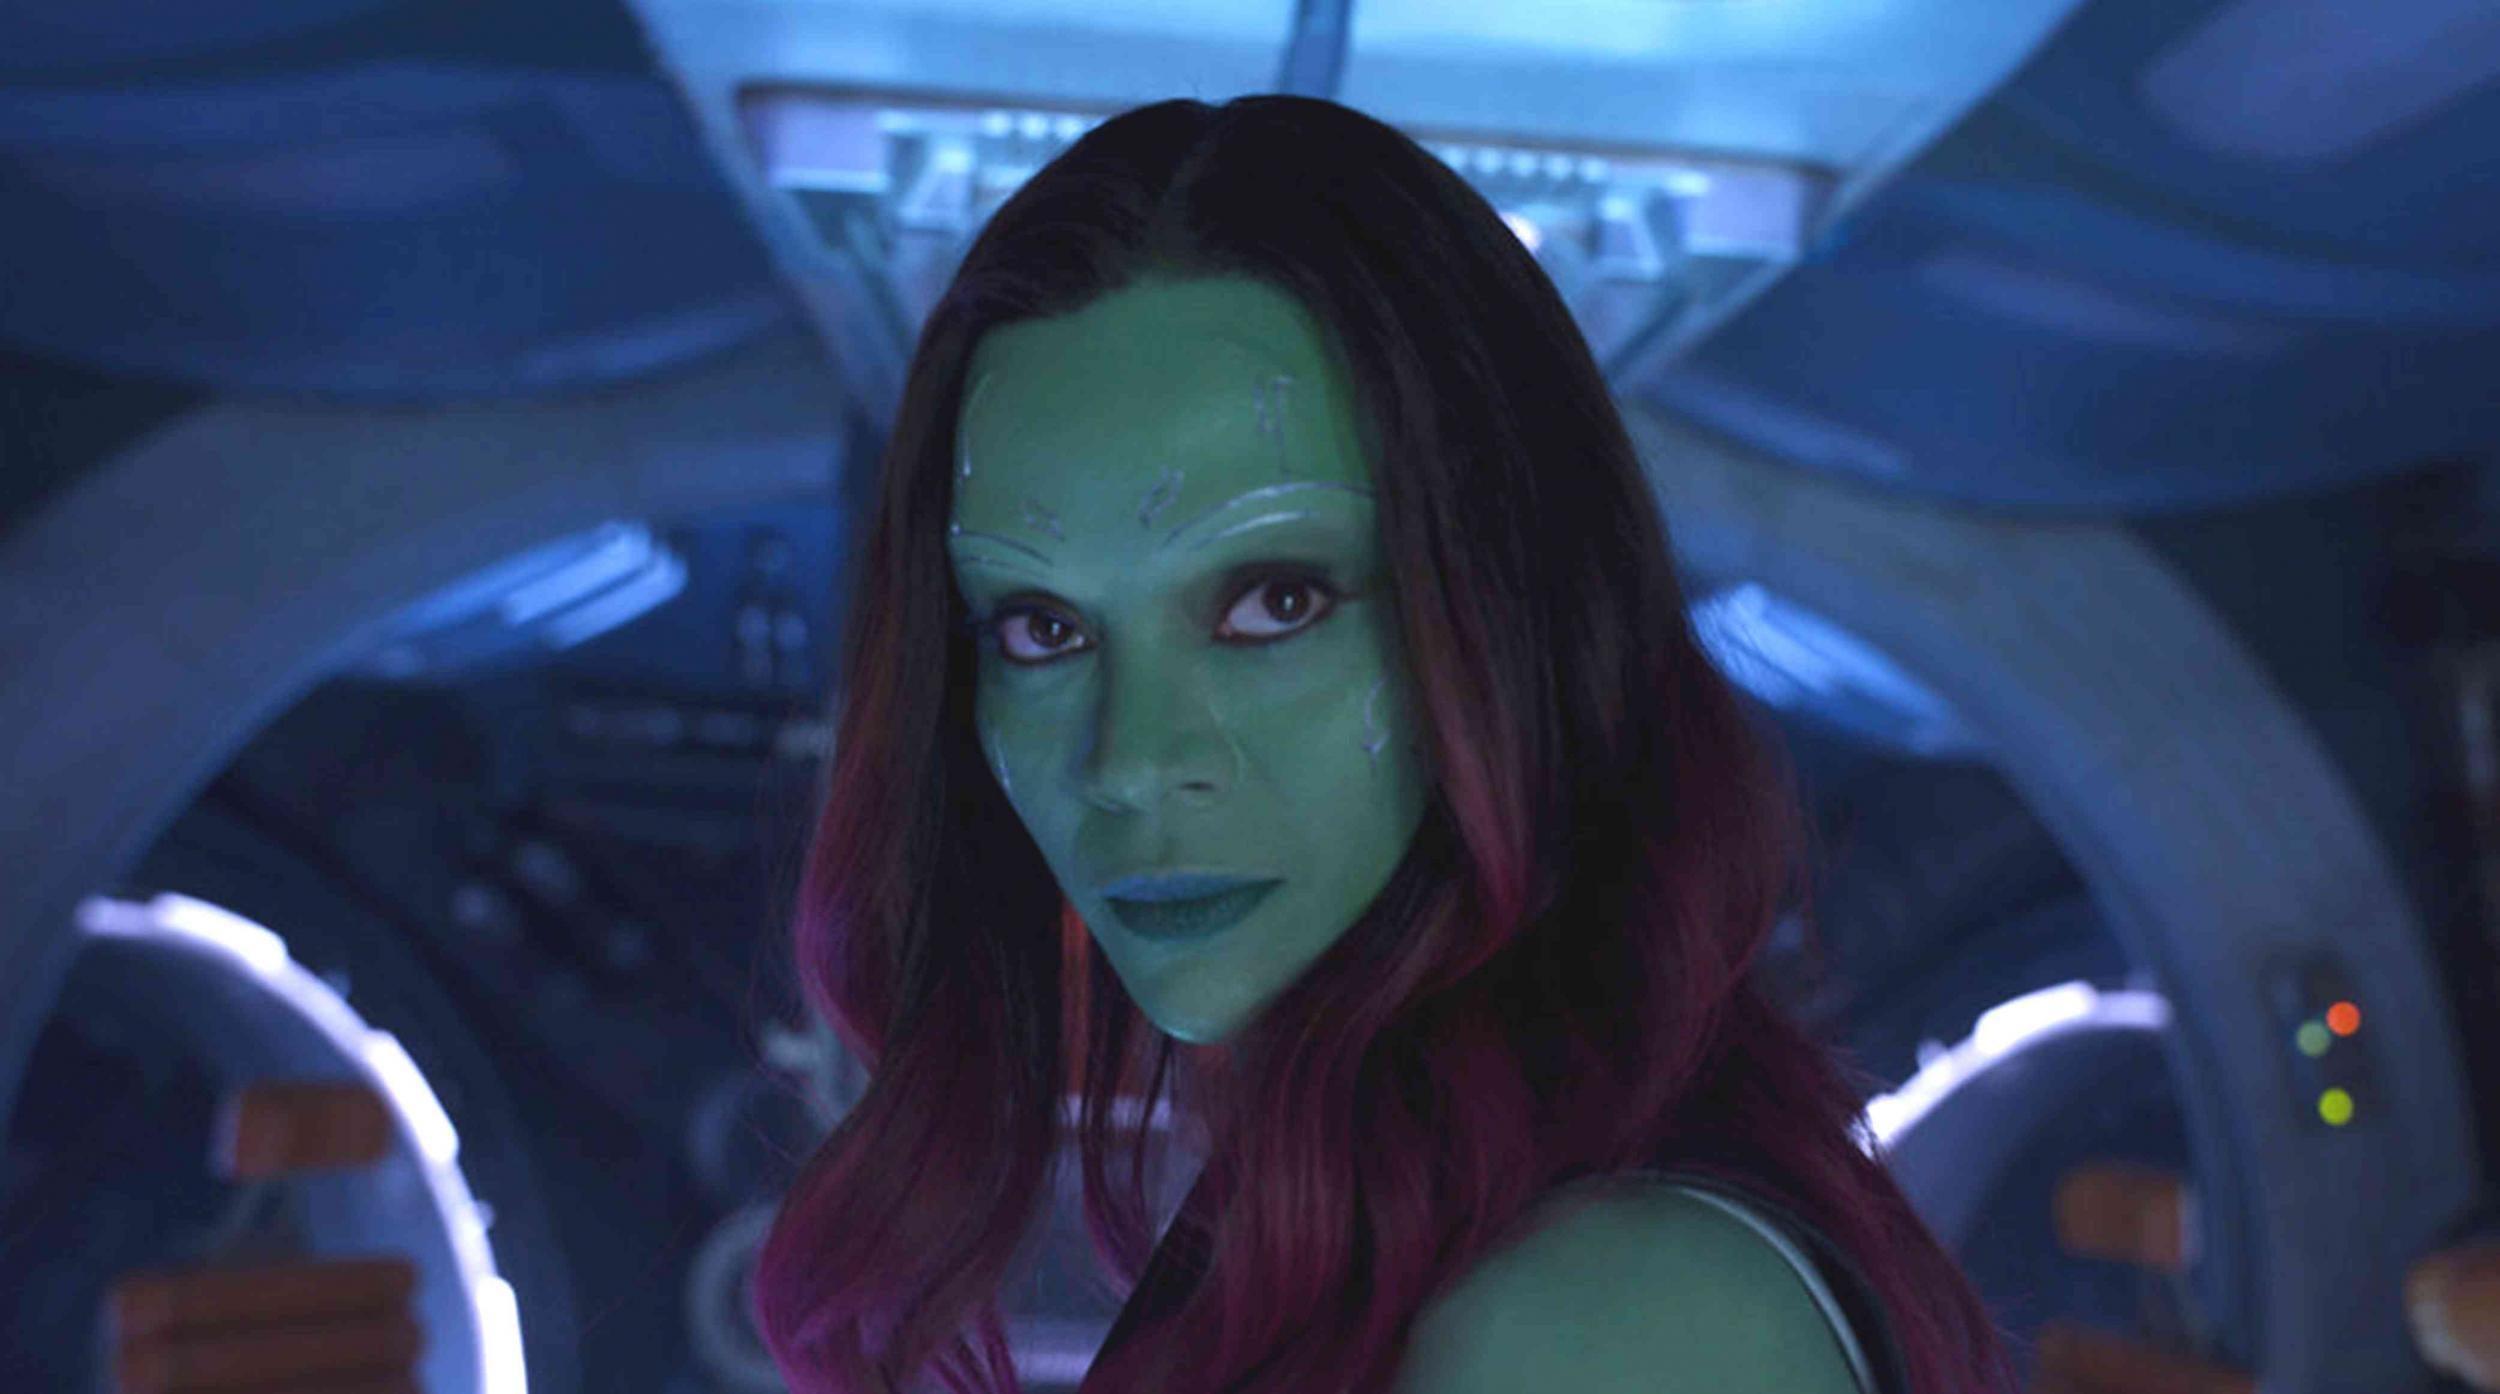 Avengers Parody Porn Subtitulos avengers: endgame deleted scene reveals fate of major